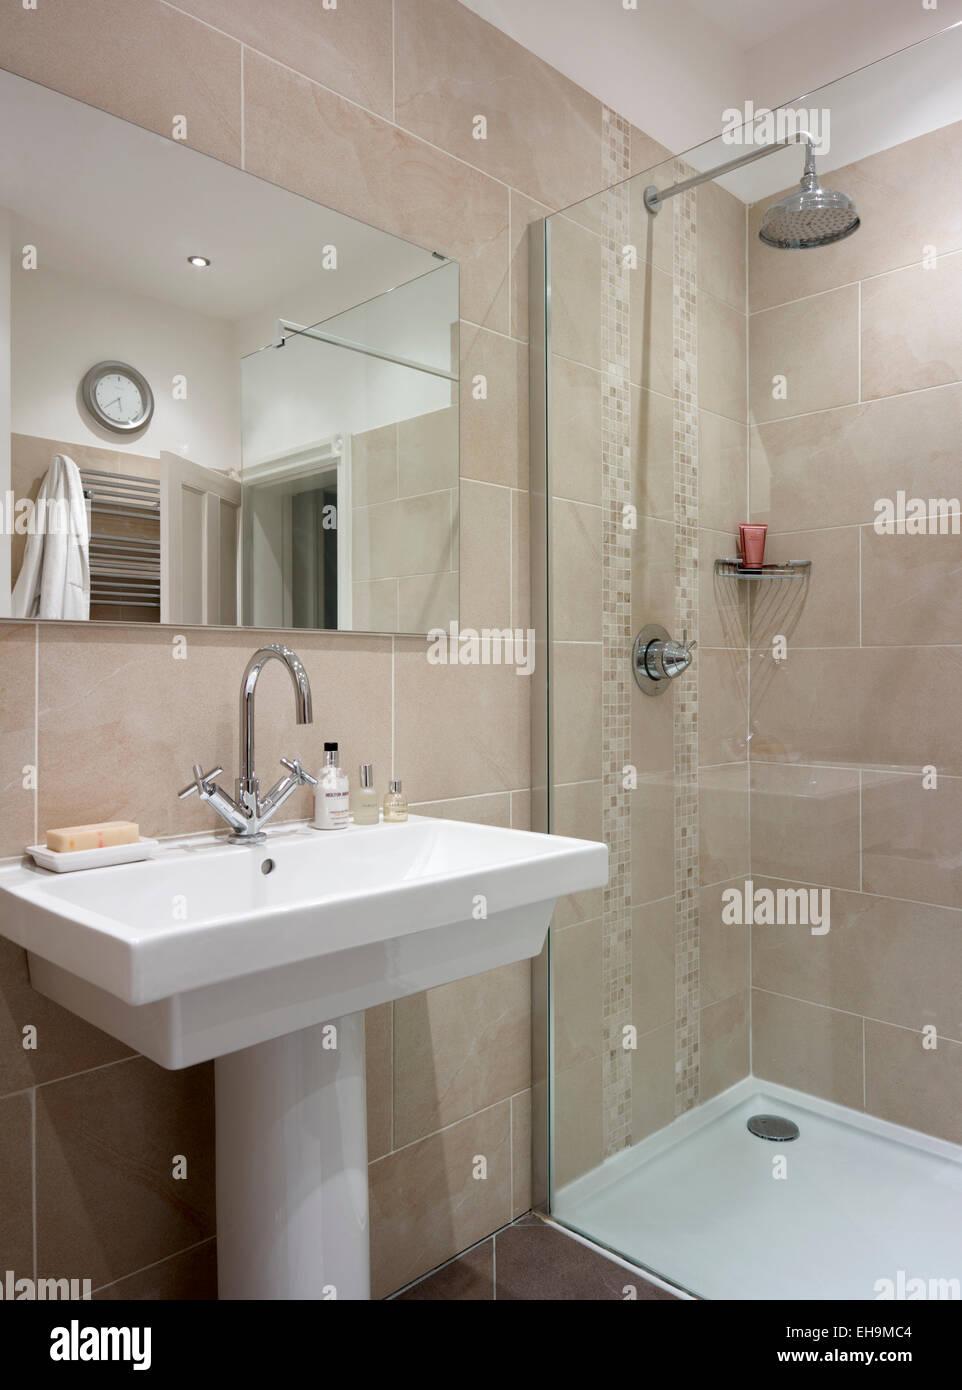 Waschbecken Und Dusche Im Badezimmer Mit Rosa Fliesen Wohnhaus - Rosa fliesen bad